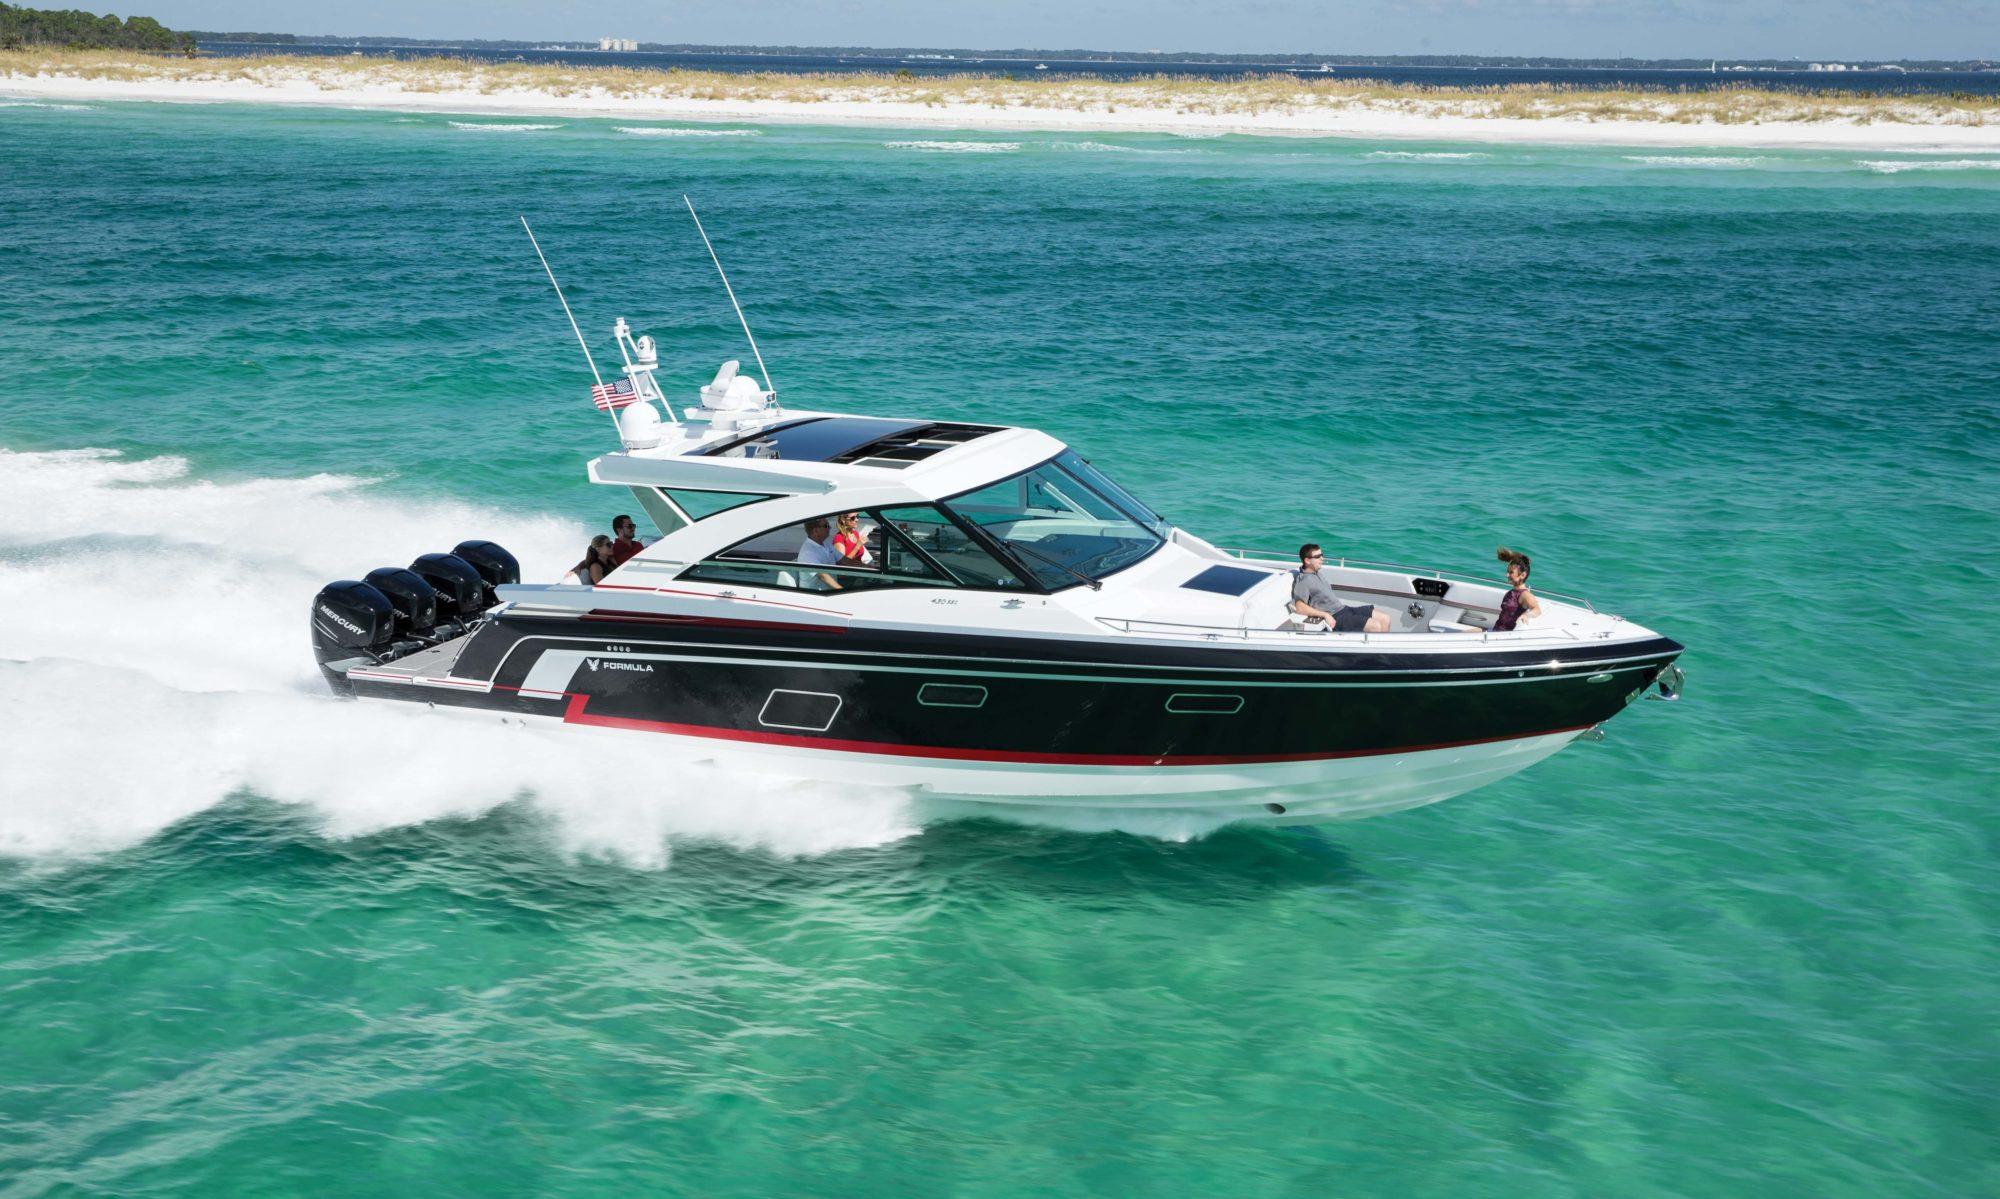 La Mas Boat